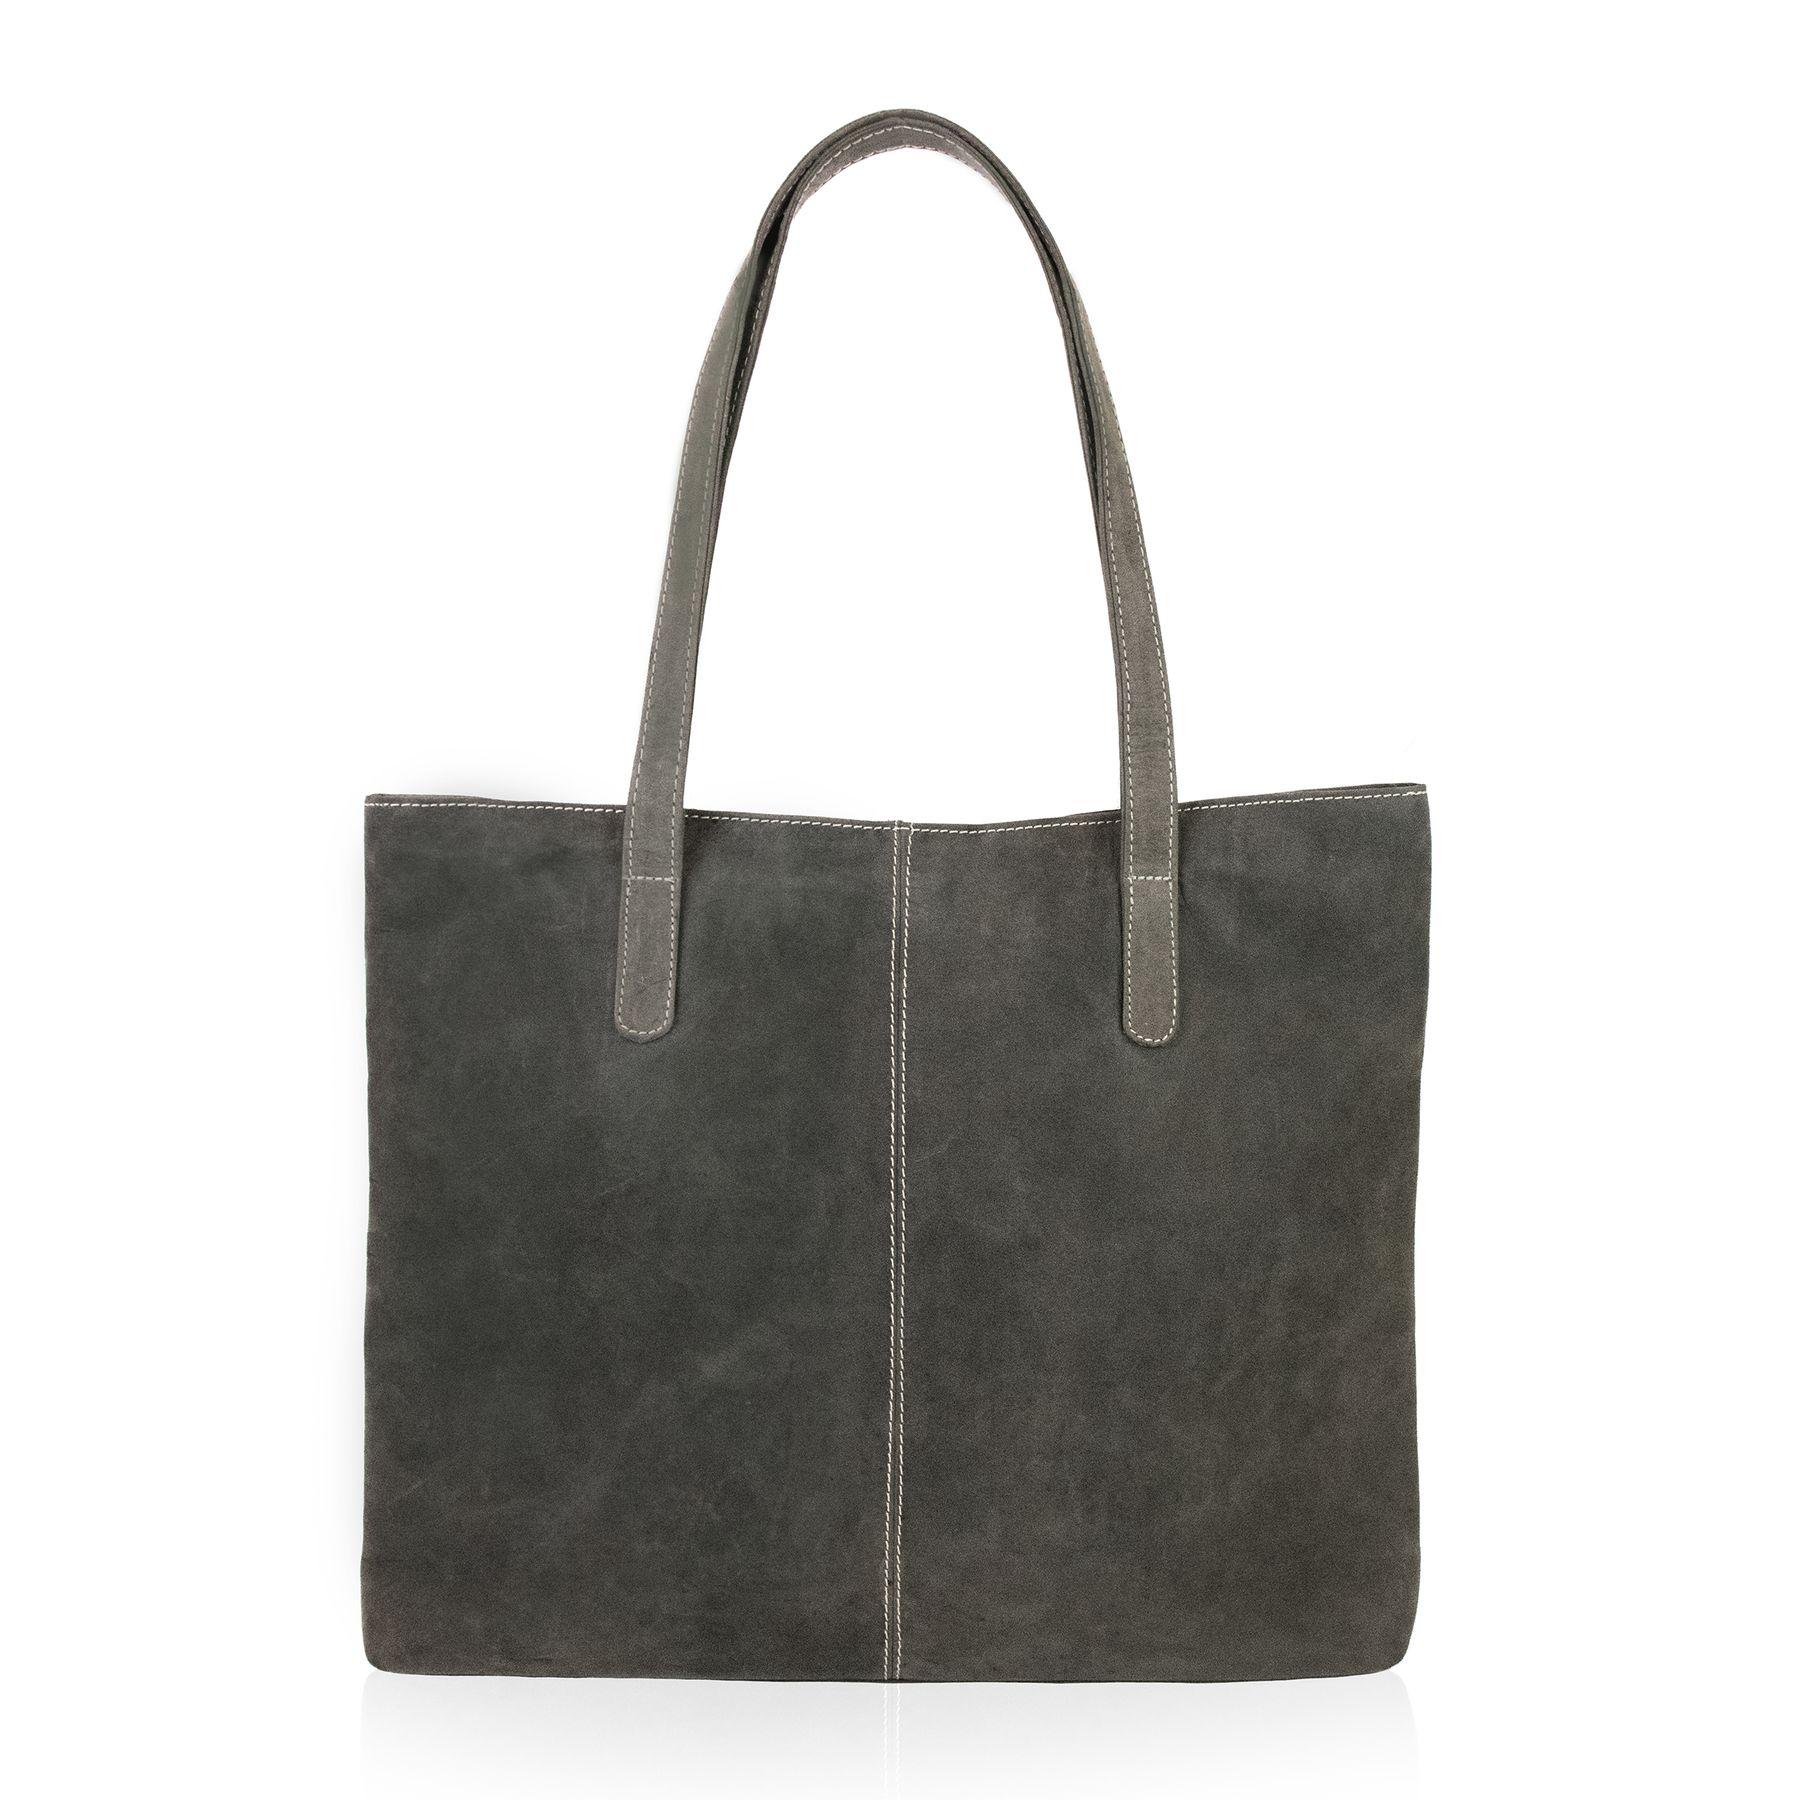 0456024438823 BACCINI Shopper Büffelleder SPECTOR grau und schwarz Henkeltasche Shopper  Taschen Damentaschen